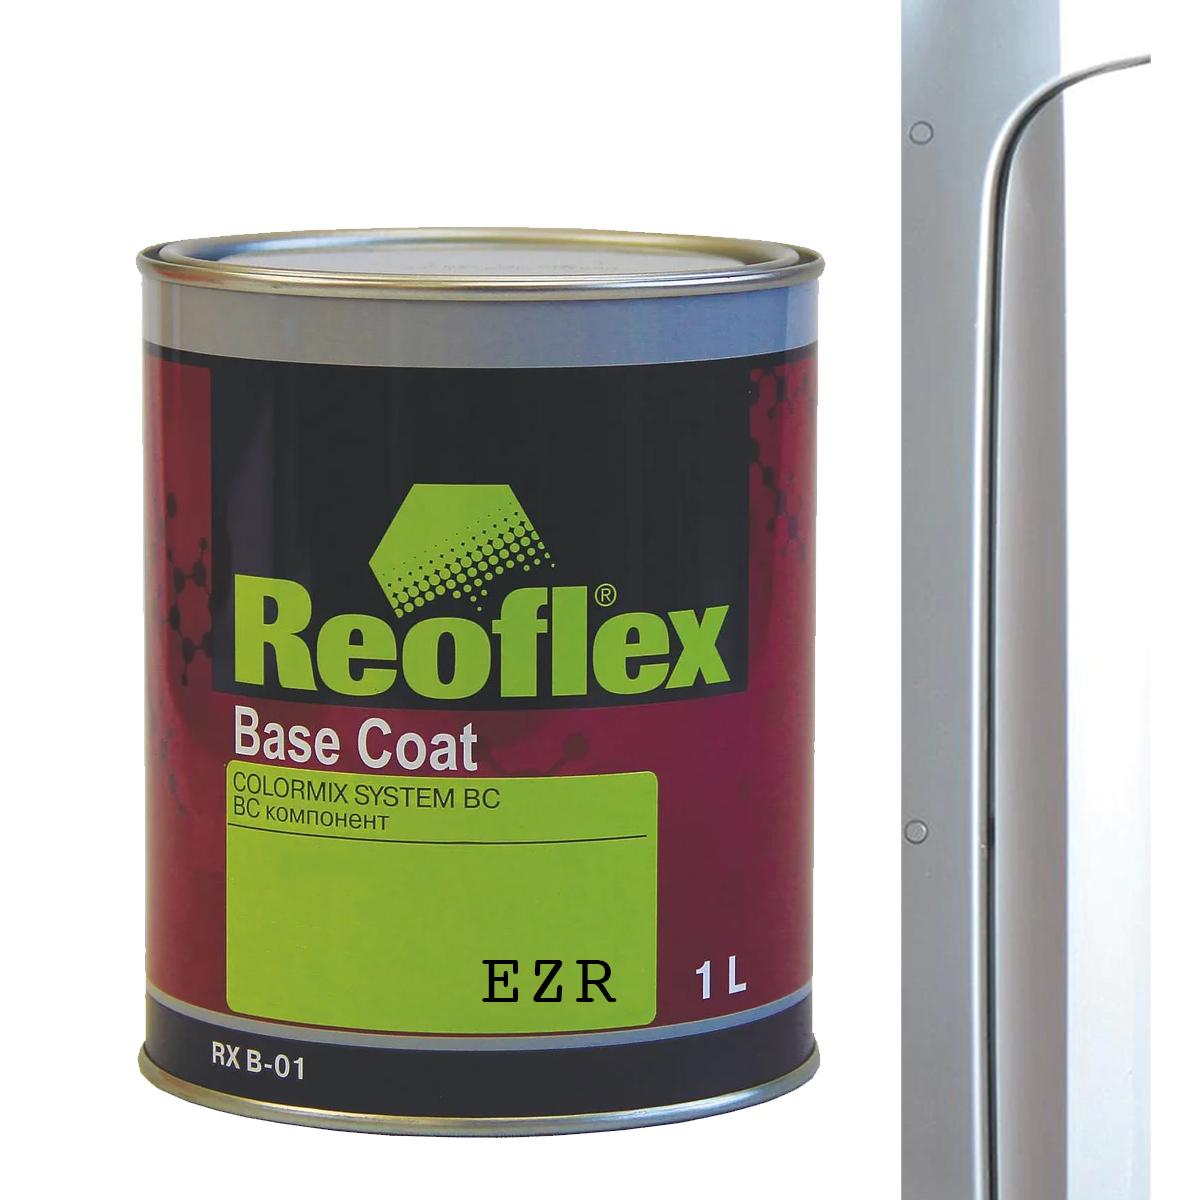 Reoflex Peugeot EZR